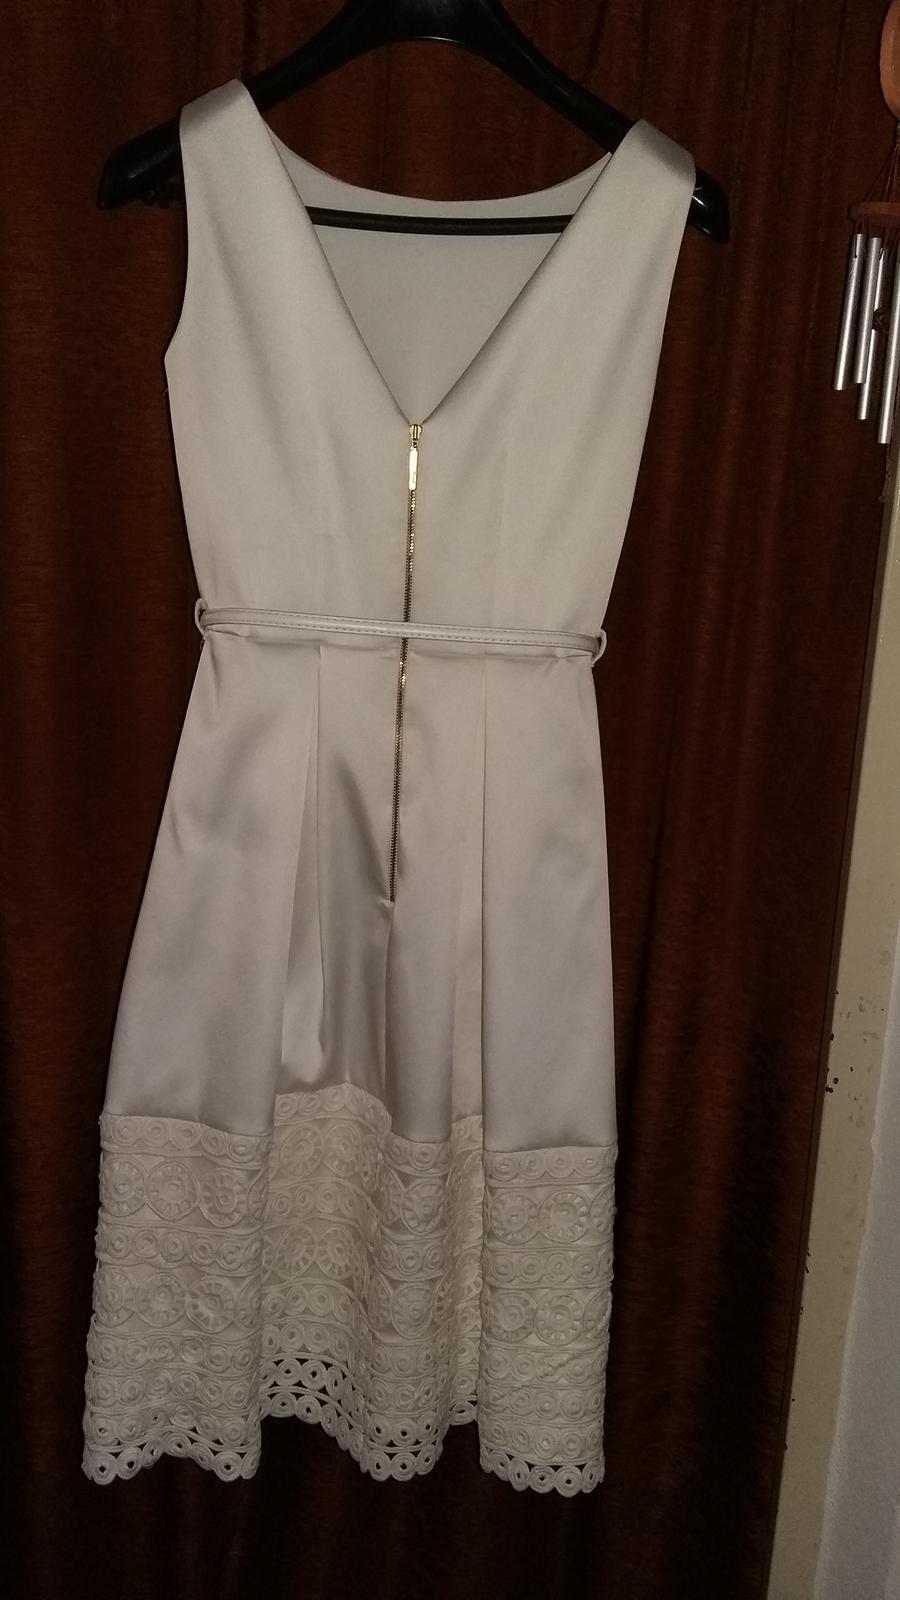 Biele saténové šaty zn. Closet - Obrázok č. 4